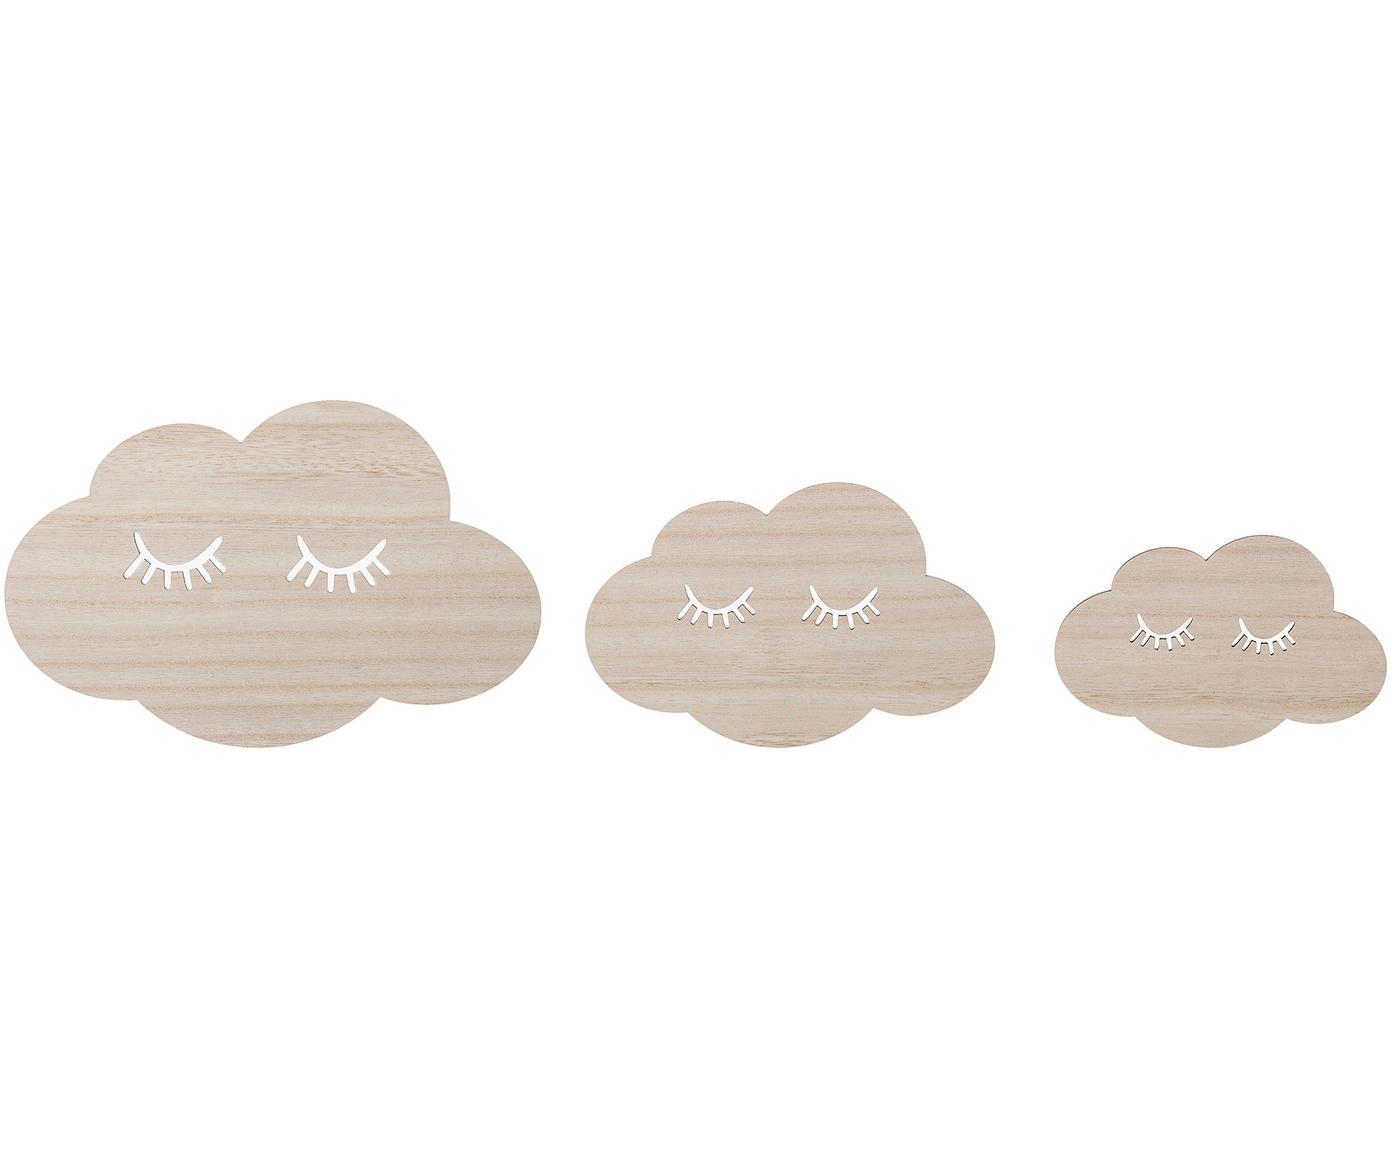 Komplet dekoracji ściennych Clouds, 3 elem., Drewno naturalne, Brązowy, S 21 x W 14 cm